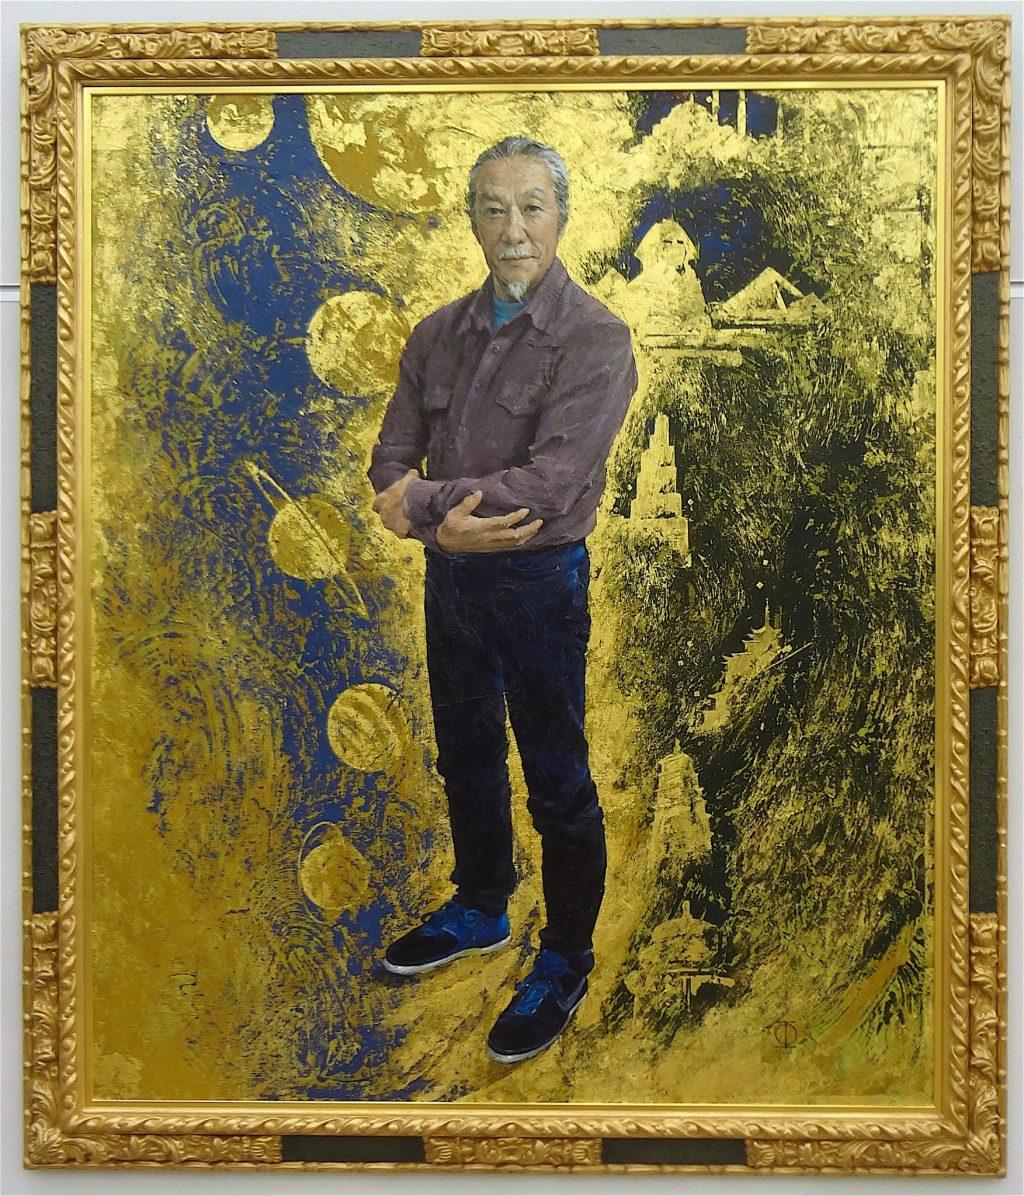 日展顧問 藤森兼明 FUJIMORI Kaneaki 「喜多郎 シルクロードから天空へのオマージュ」2016年